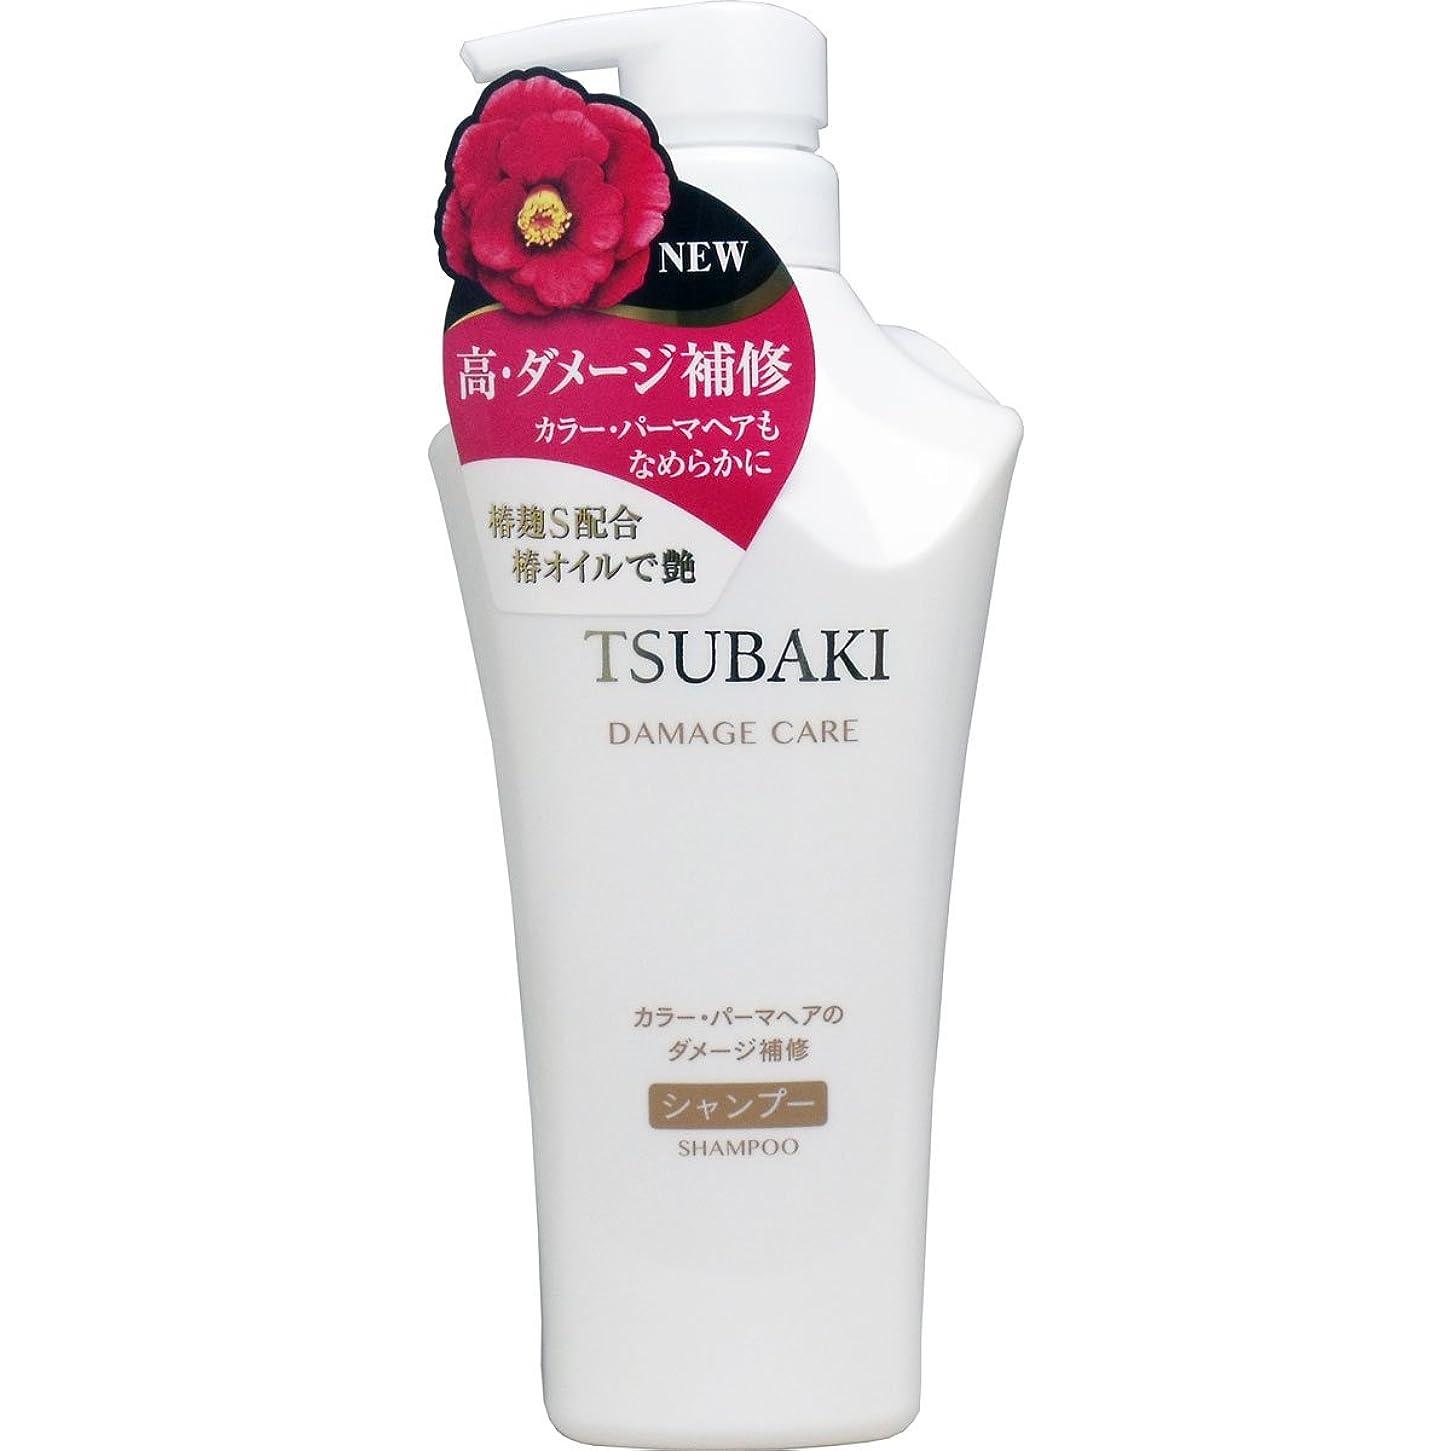 キャリア順番偽TSUBAKIダメージケアシャンプー ジャンボサイズ × 5個セット